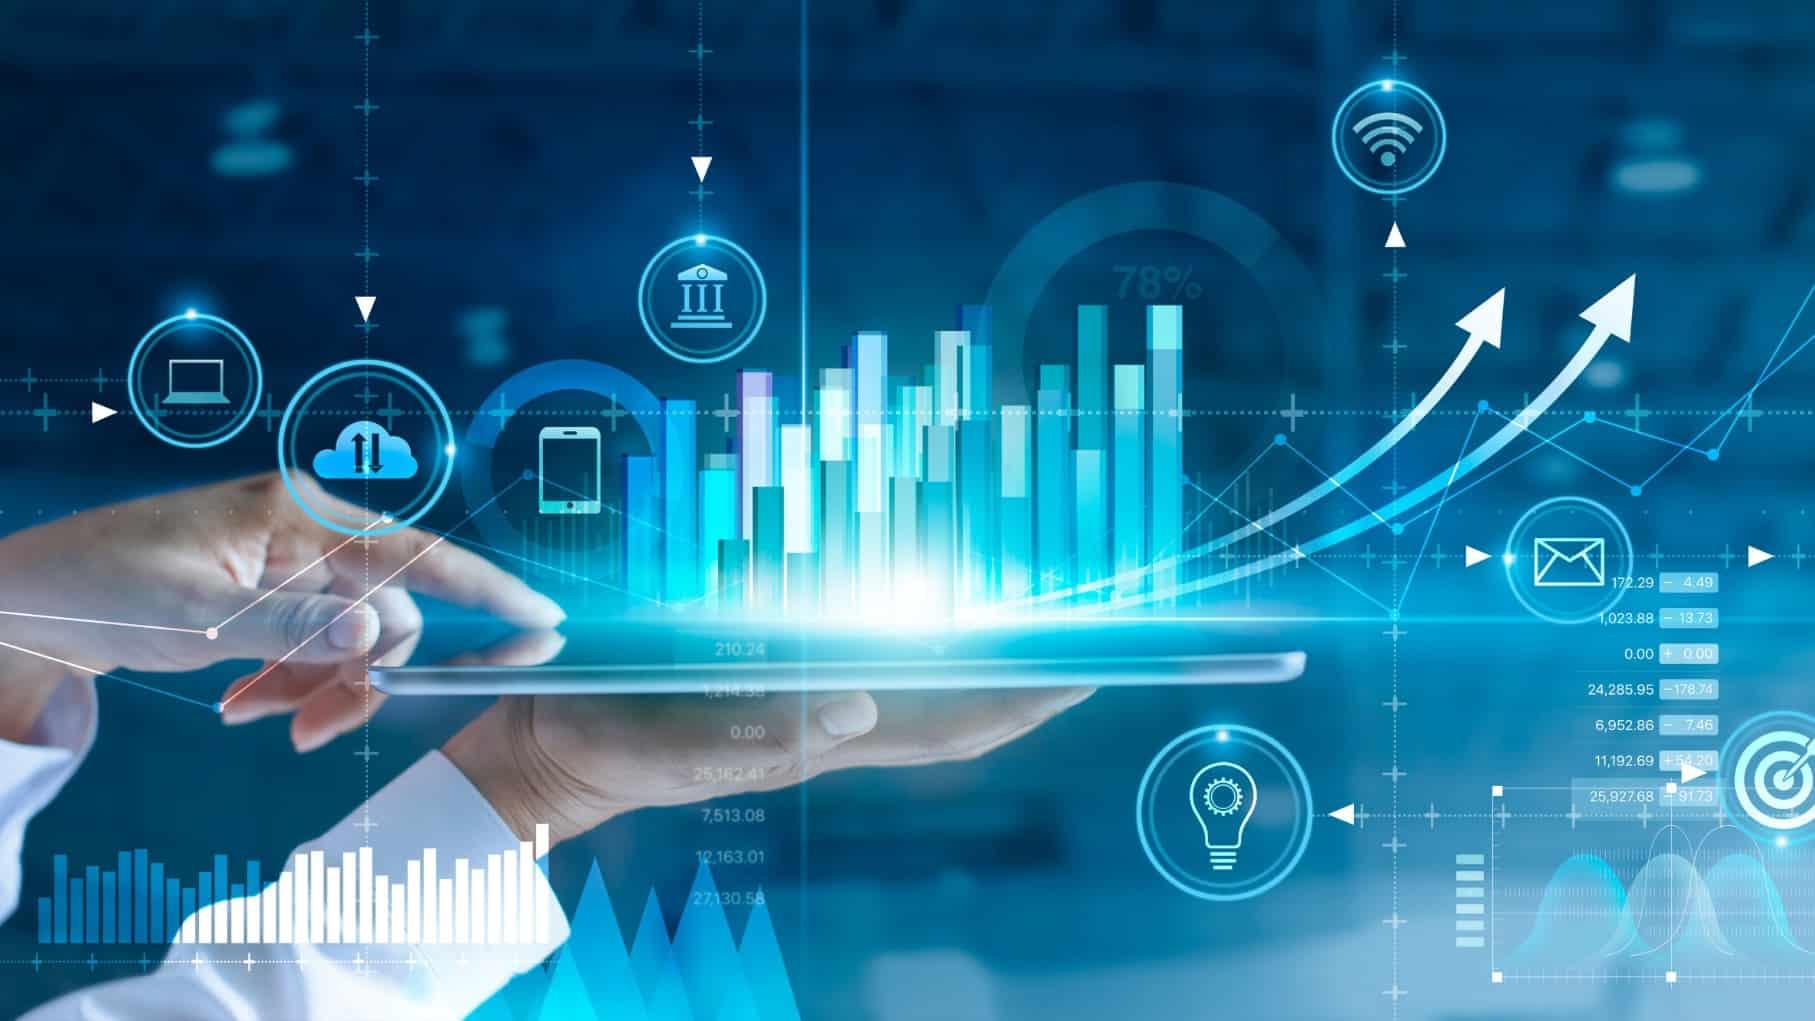 digital screen of bar chart representing asx tech shares